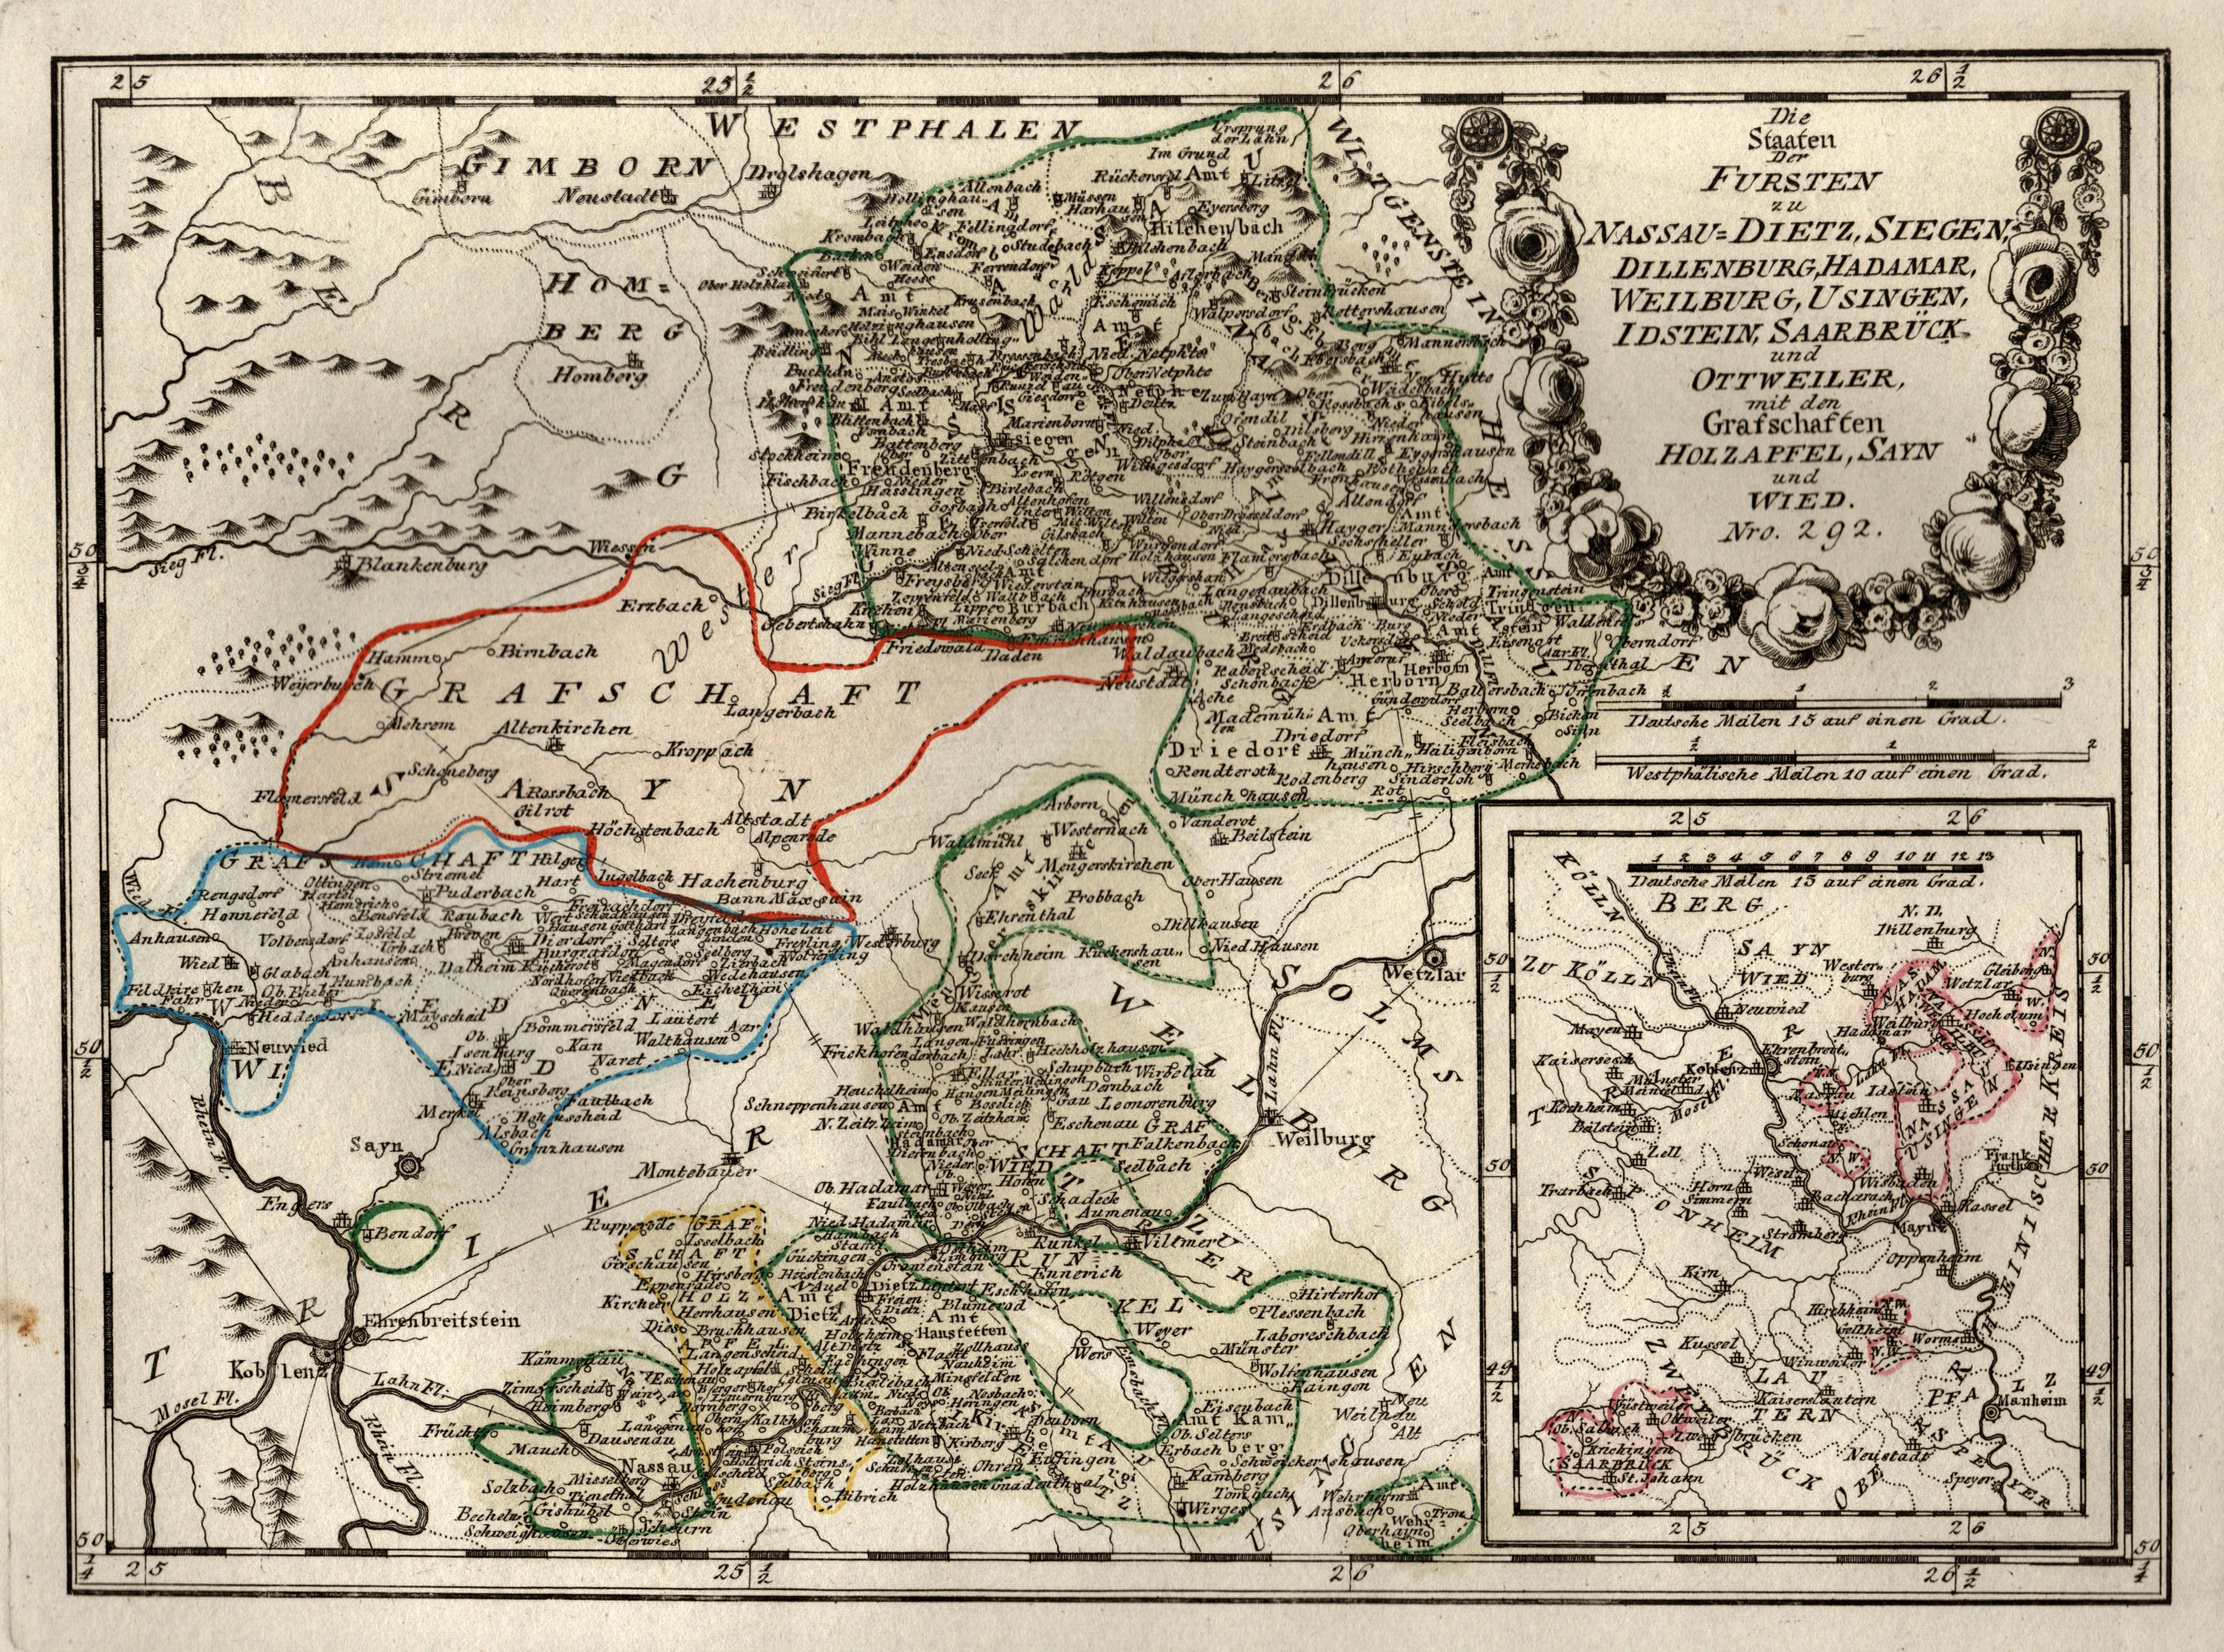 Westerwald Karte.Kupferstich Karte B Reilly